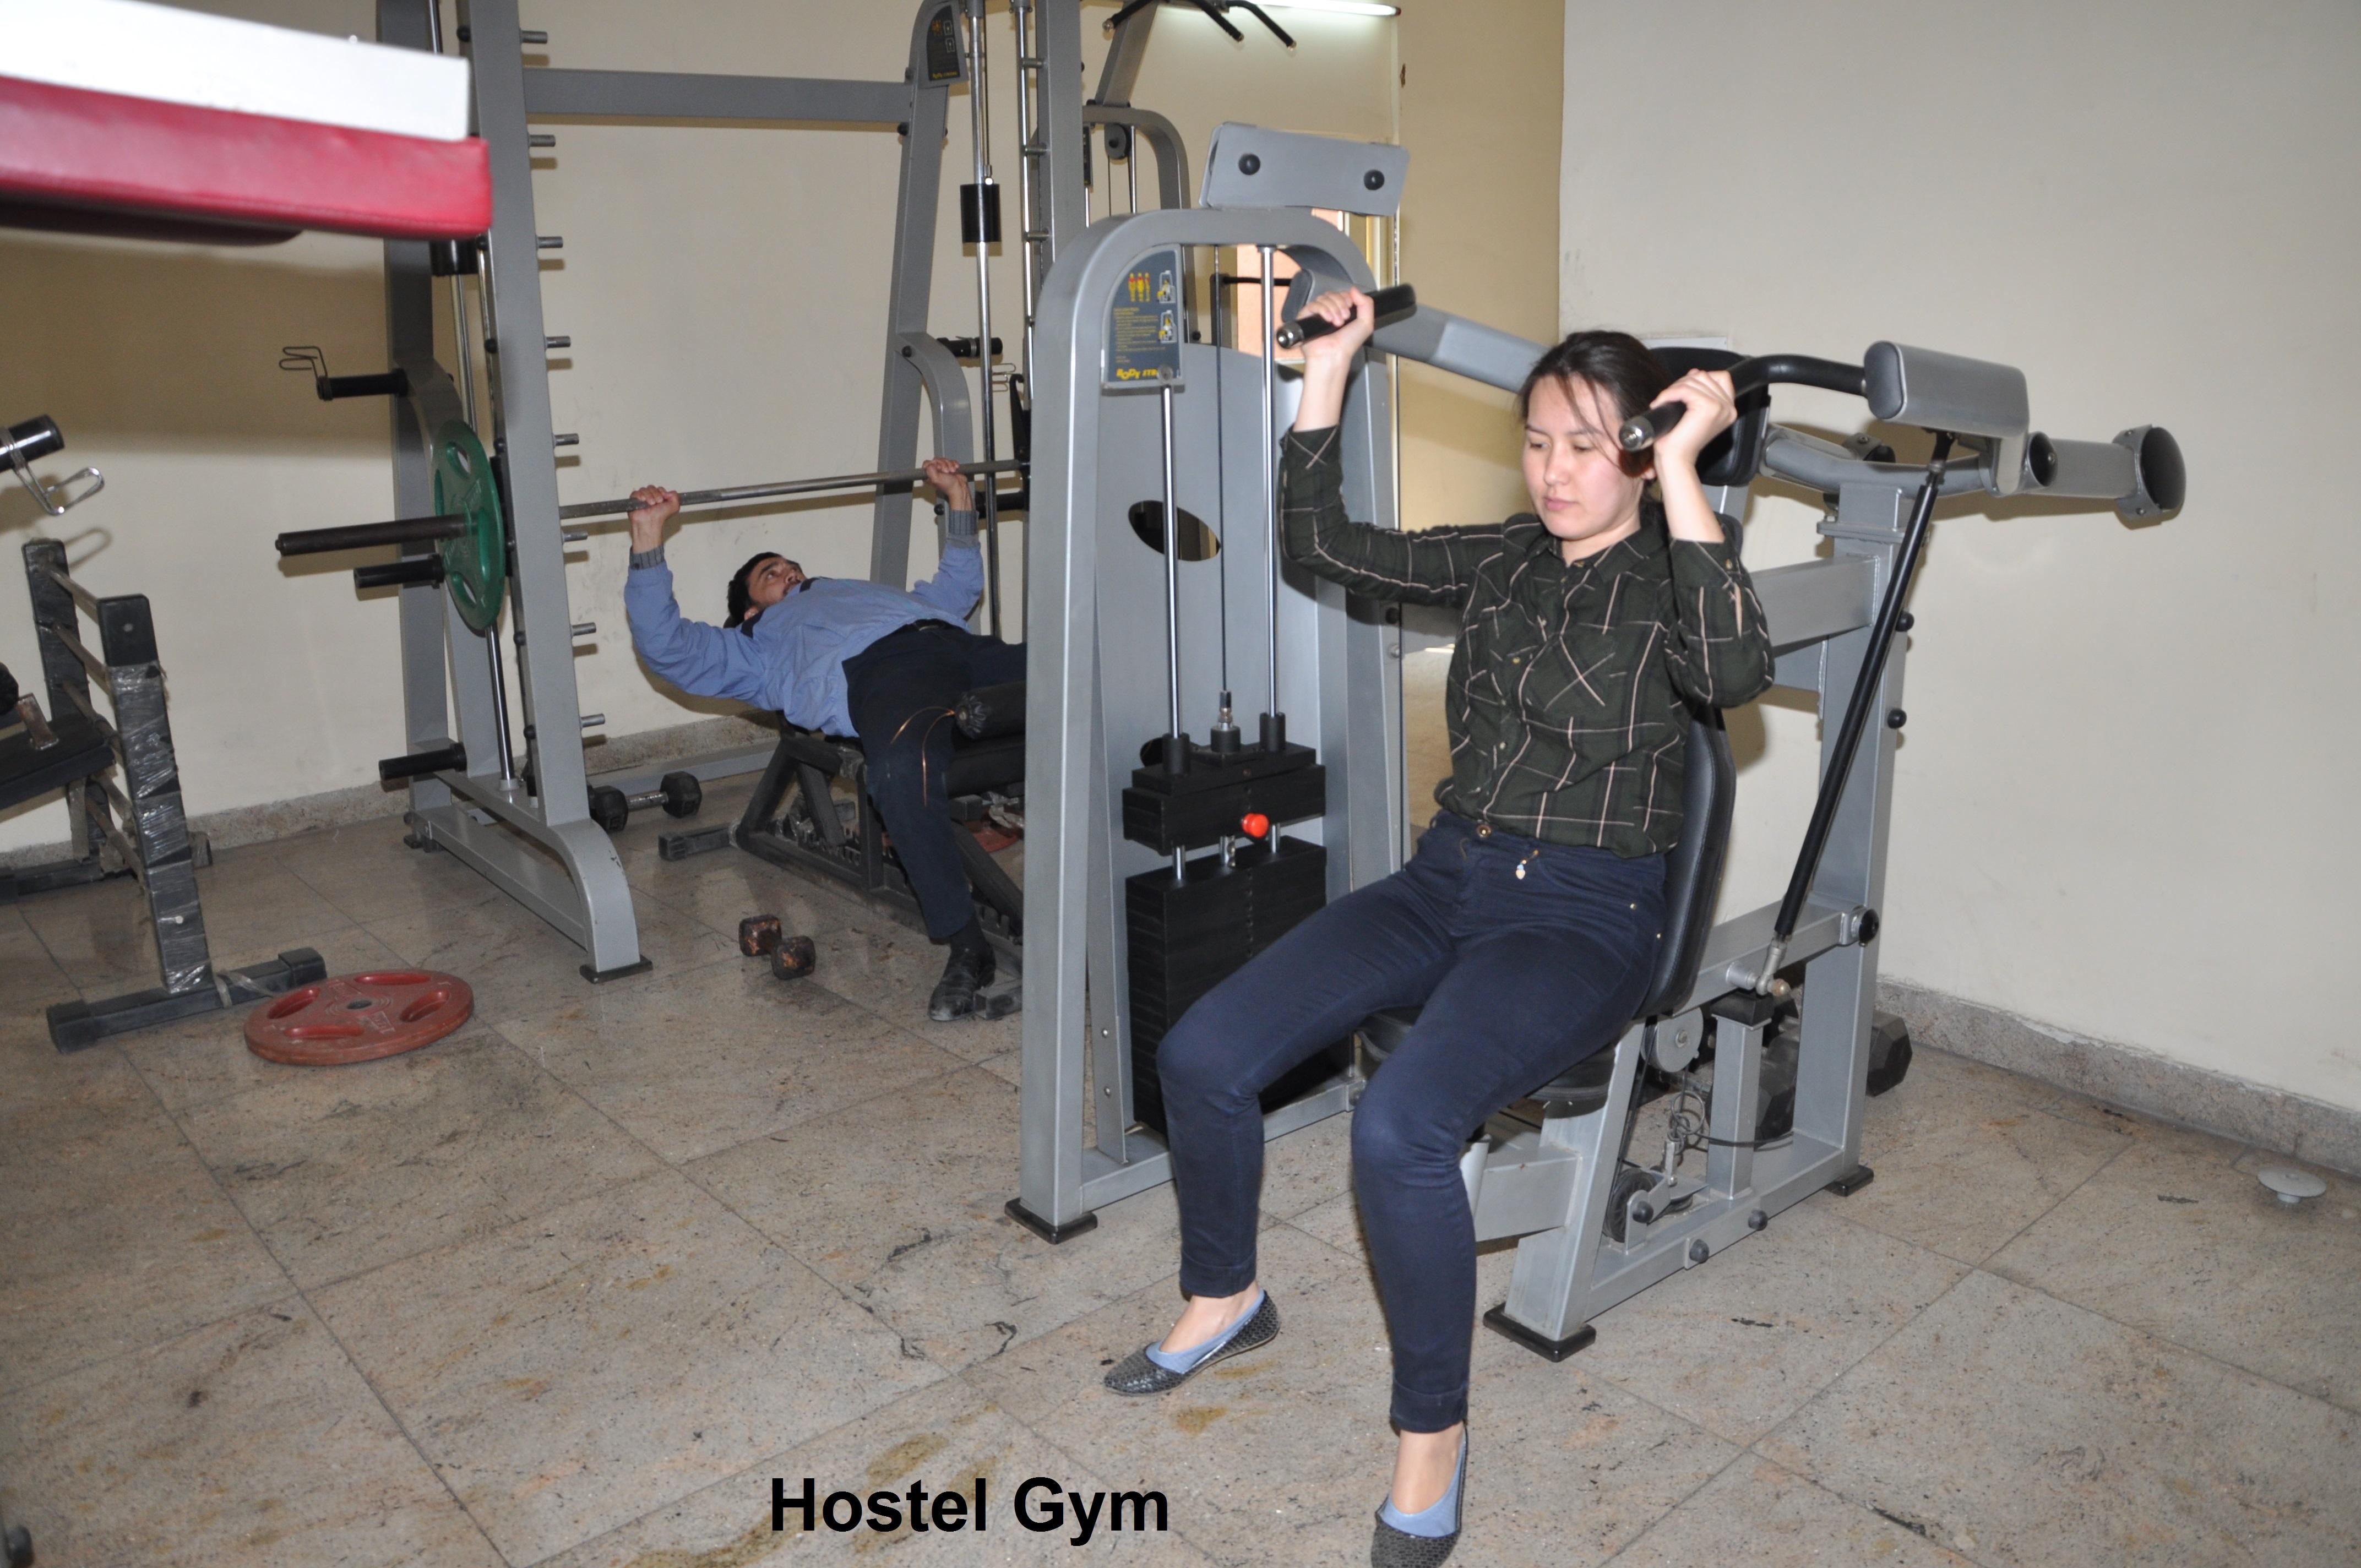 Hostel Gym